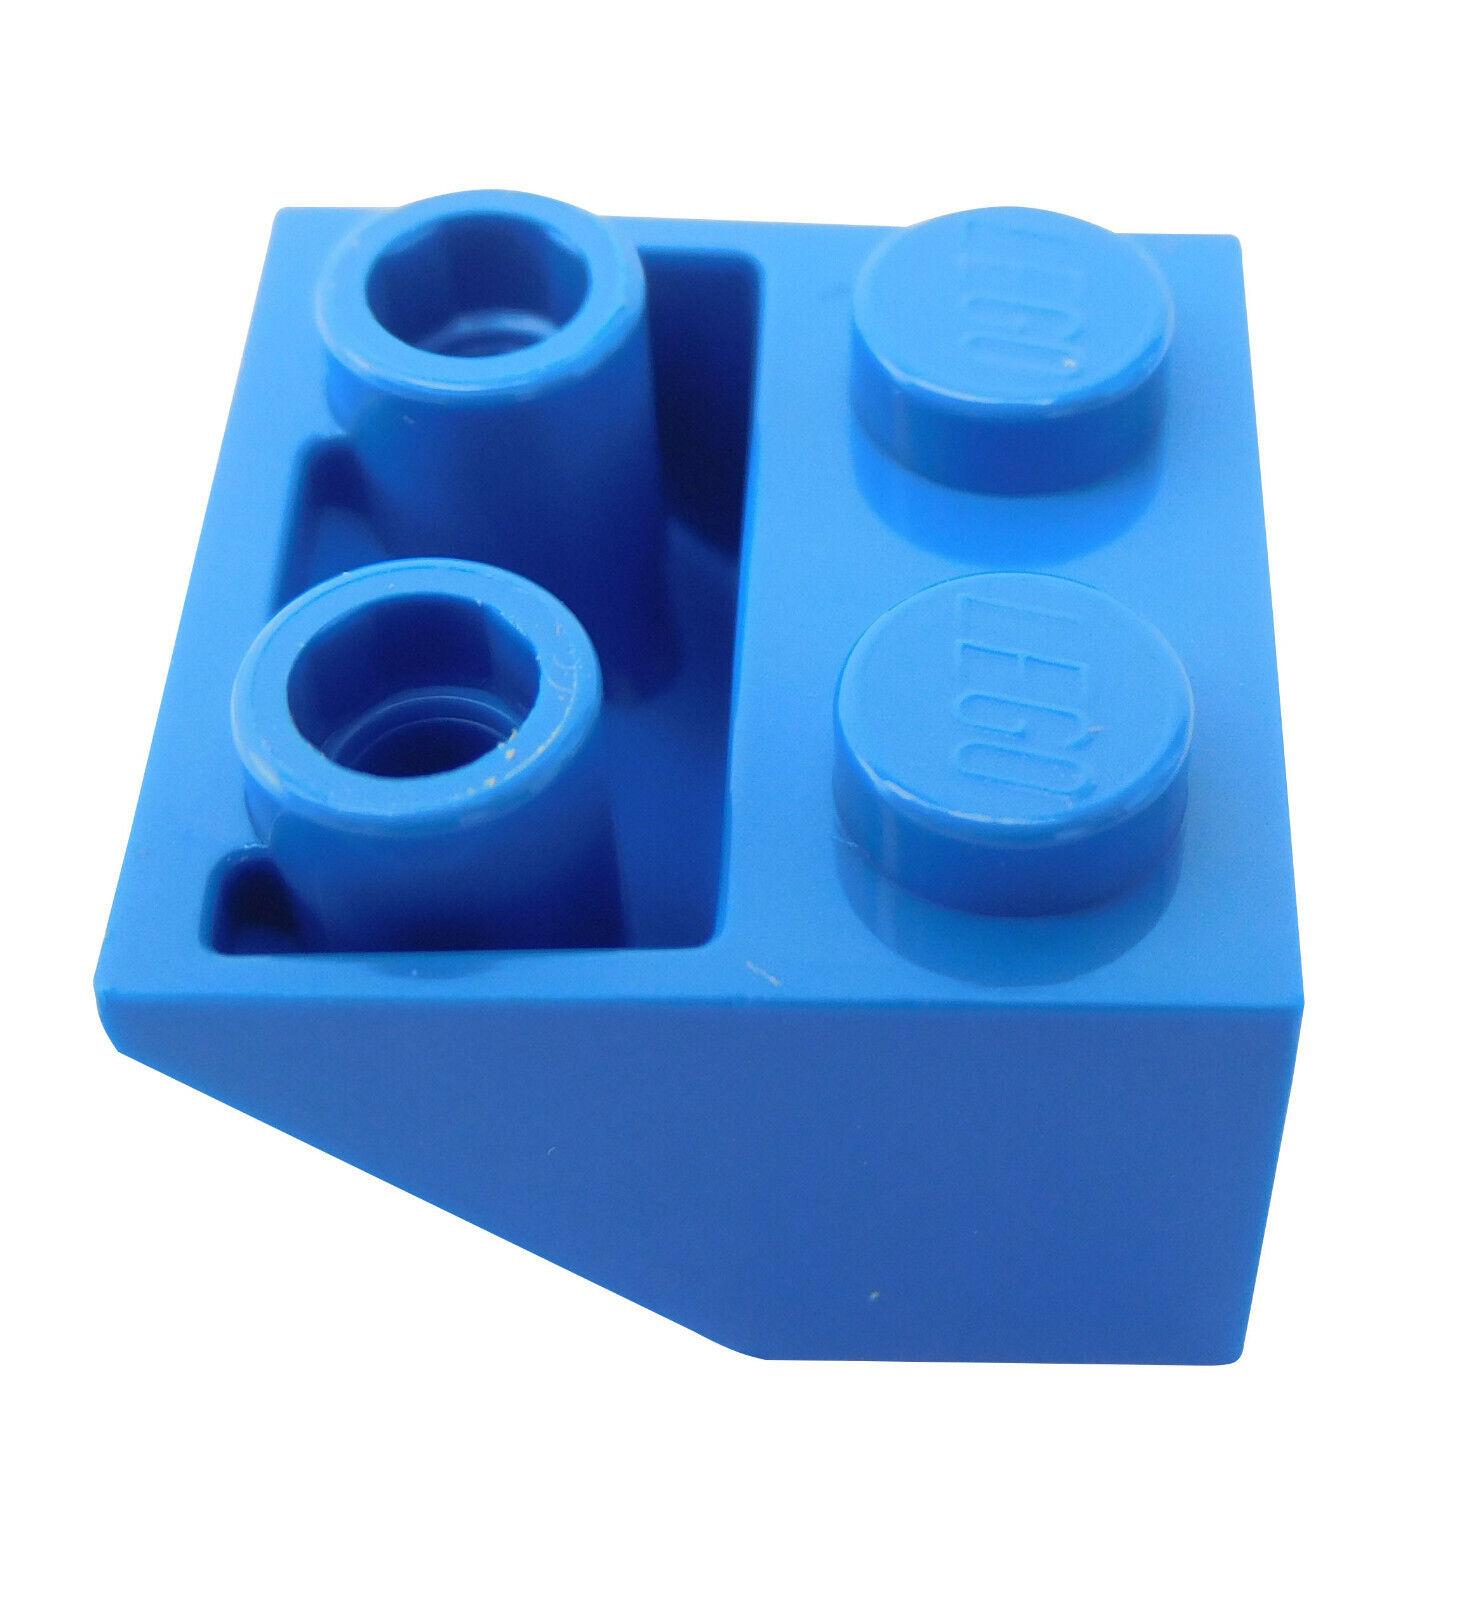 Lego 10 x Dachstein 3660 Schrägstein 2x2 alt dunkelgrau invers 45°